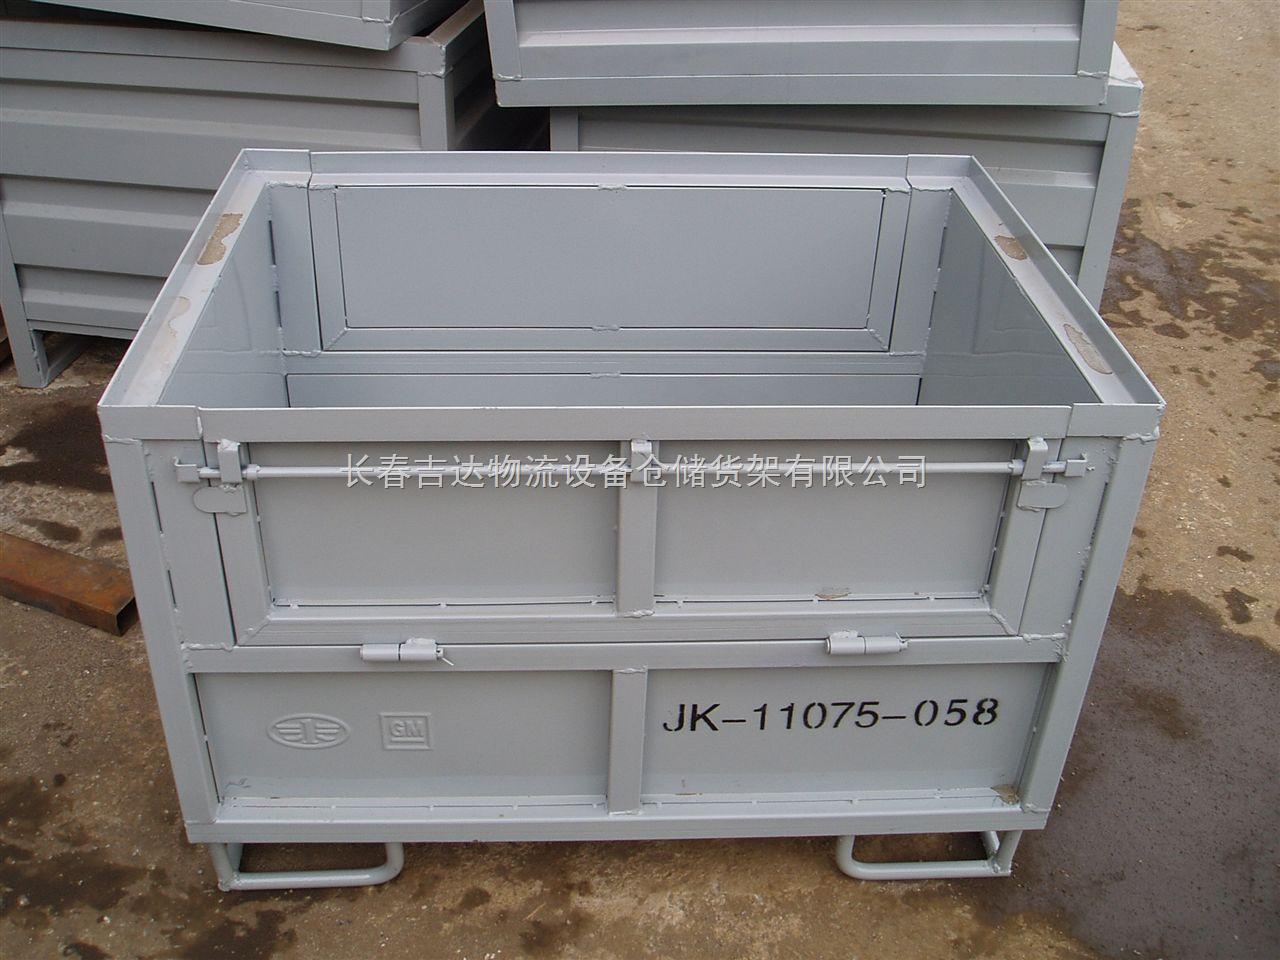 长春金属料箱、金属料箱、吉林金属料箱、哈尔滨金属料箱、沈阳金属料箱、网格料箱、钢制料箱、金属网箱